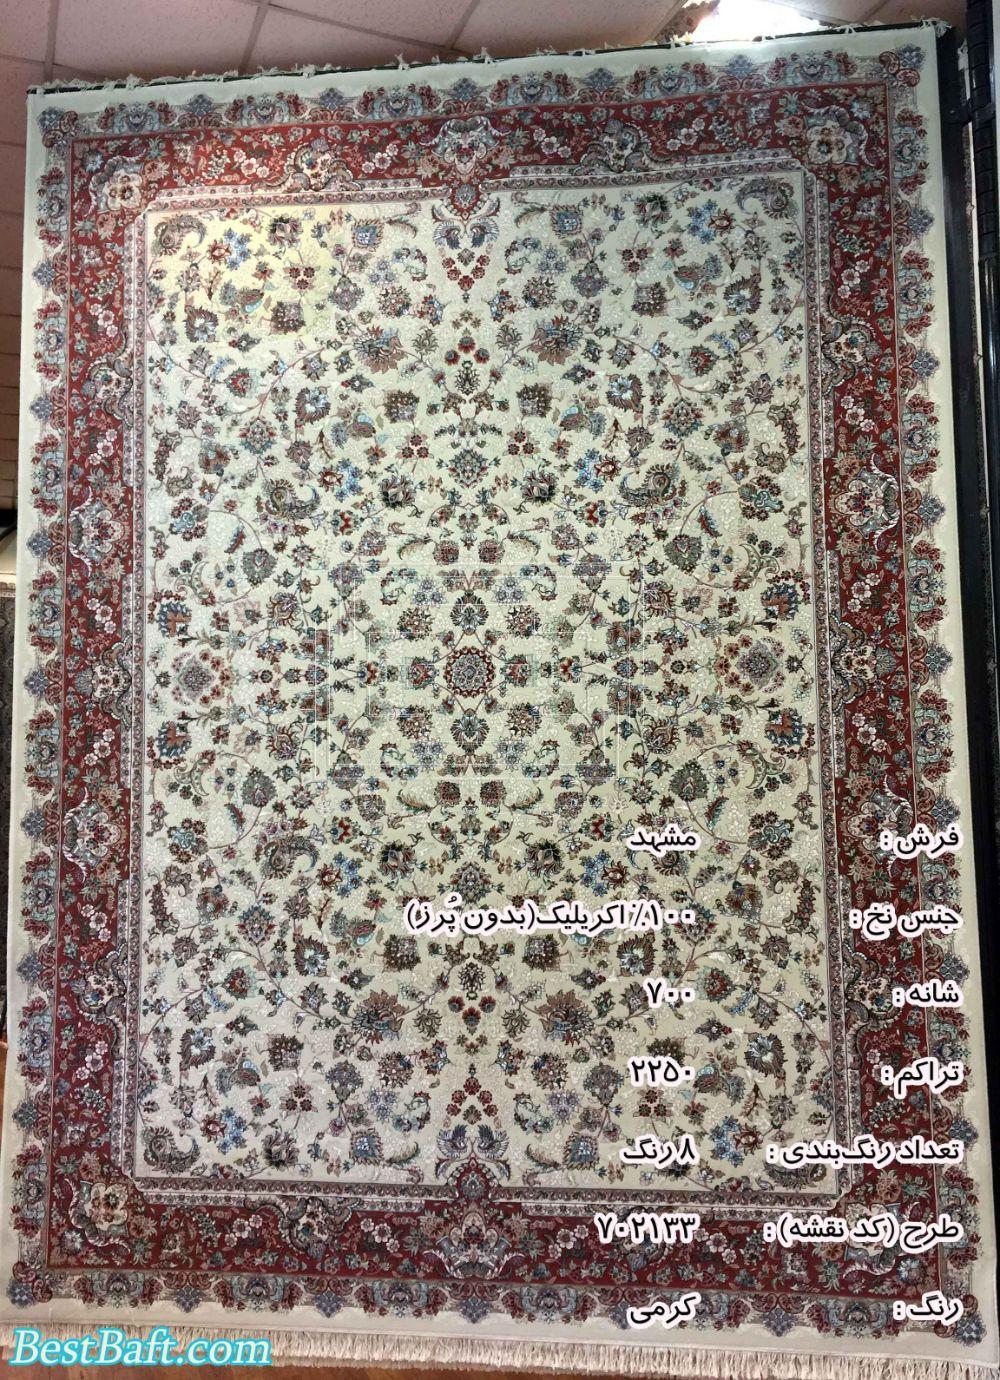 مشخصات،قیمت و خرید فرش مشهد 700 شانه کد 702133 کرمی